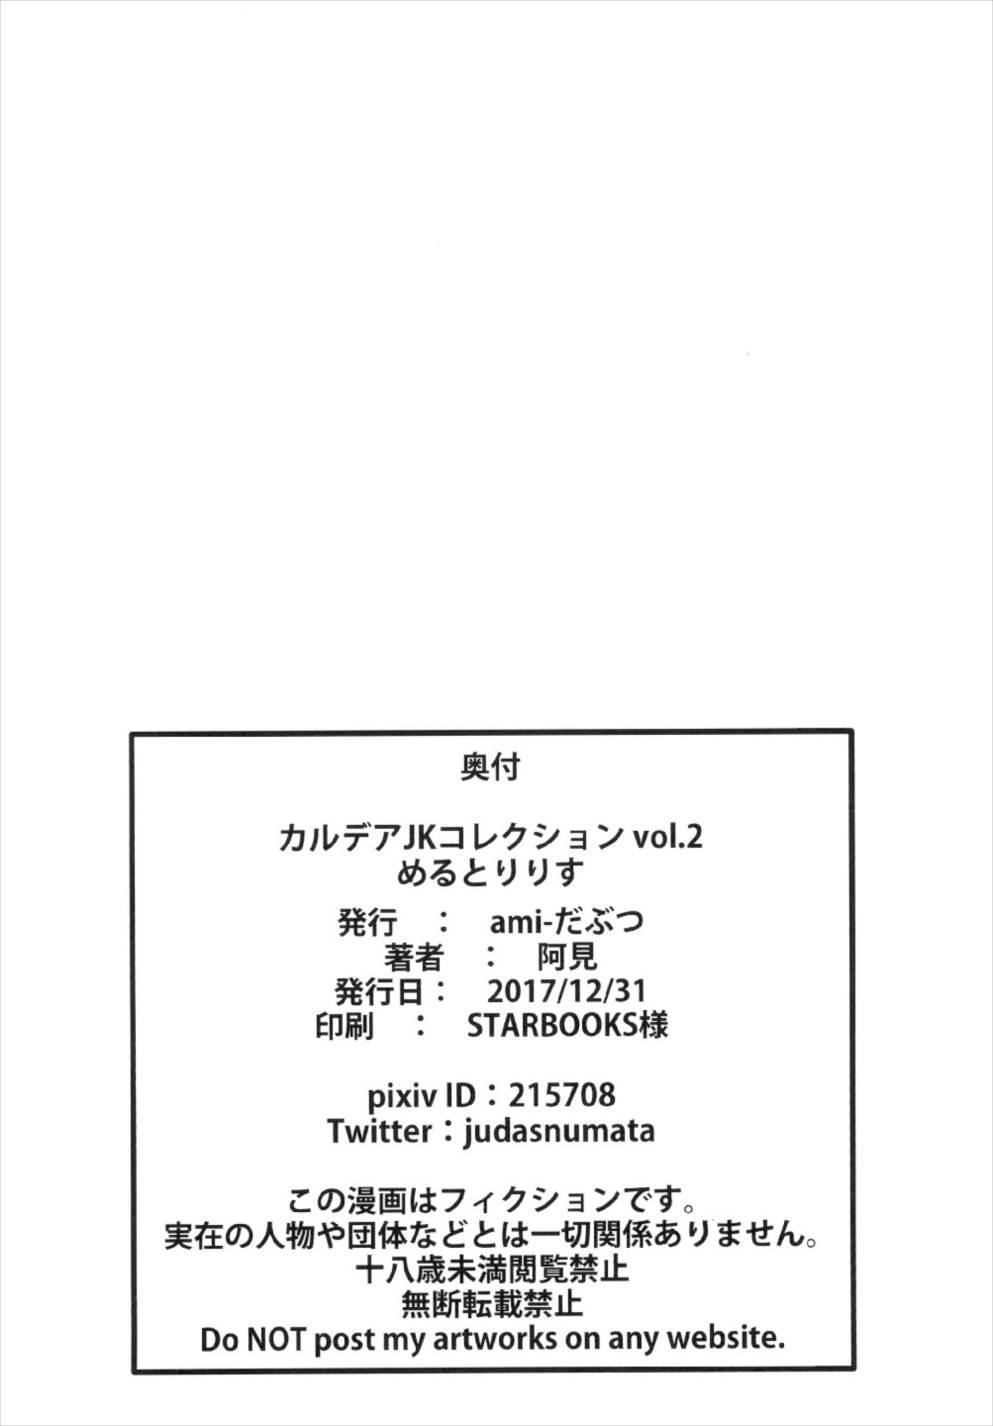 Chaldea JK Collection Vol. 2 Meltlilith 27